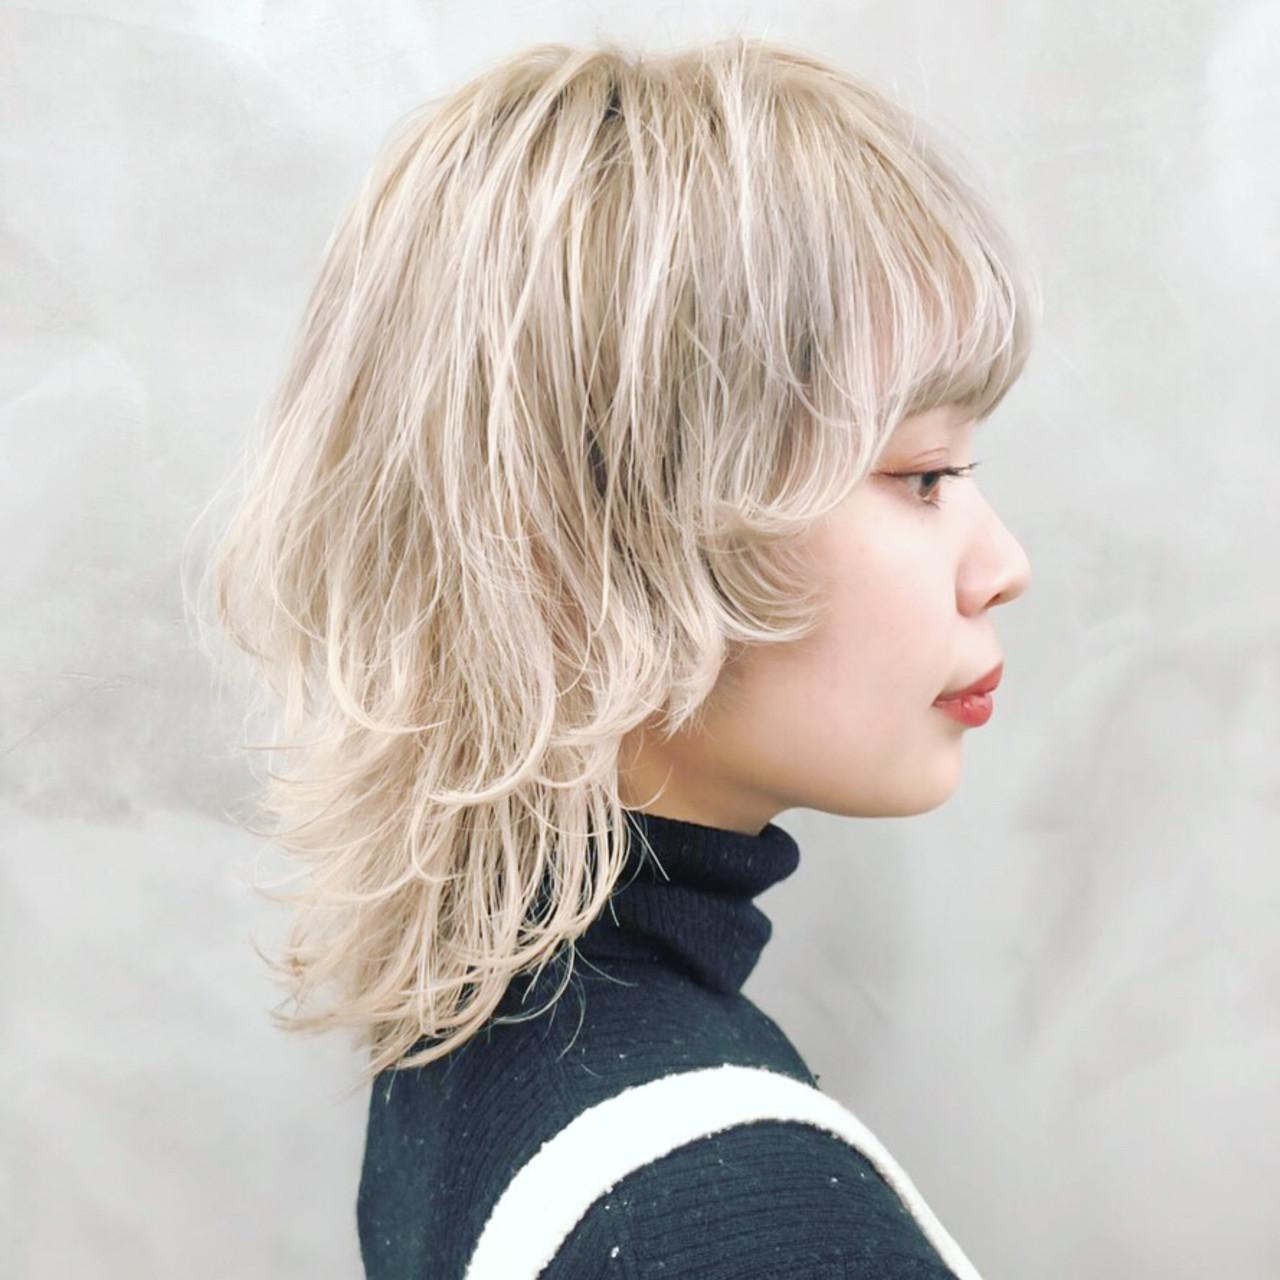 ミディアム ストリート ウルフカット イルミナカラー ヘアスタイルや髪型の写真・画像